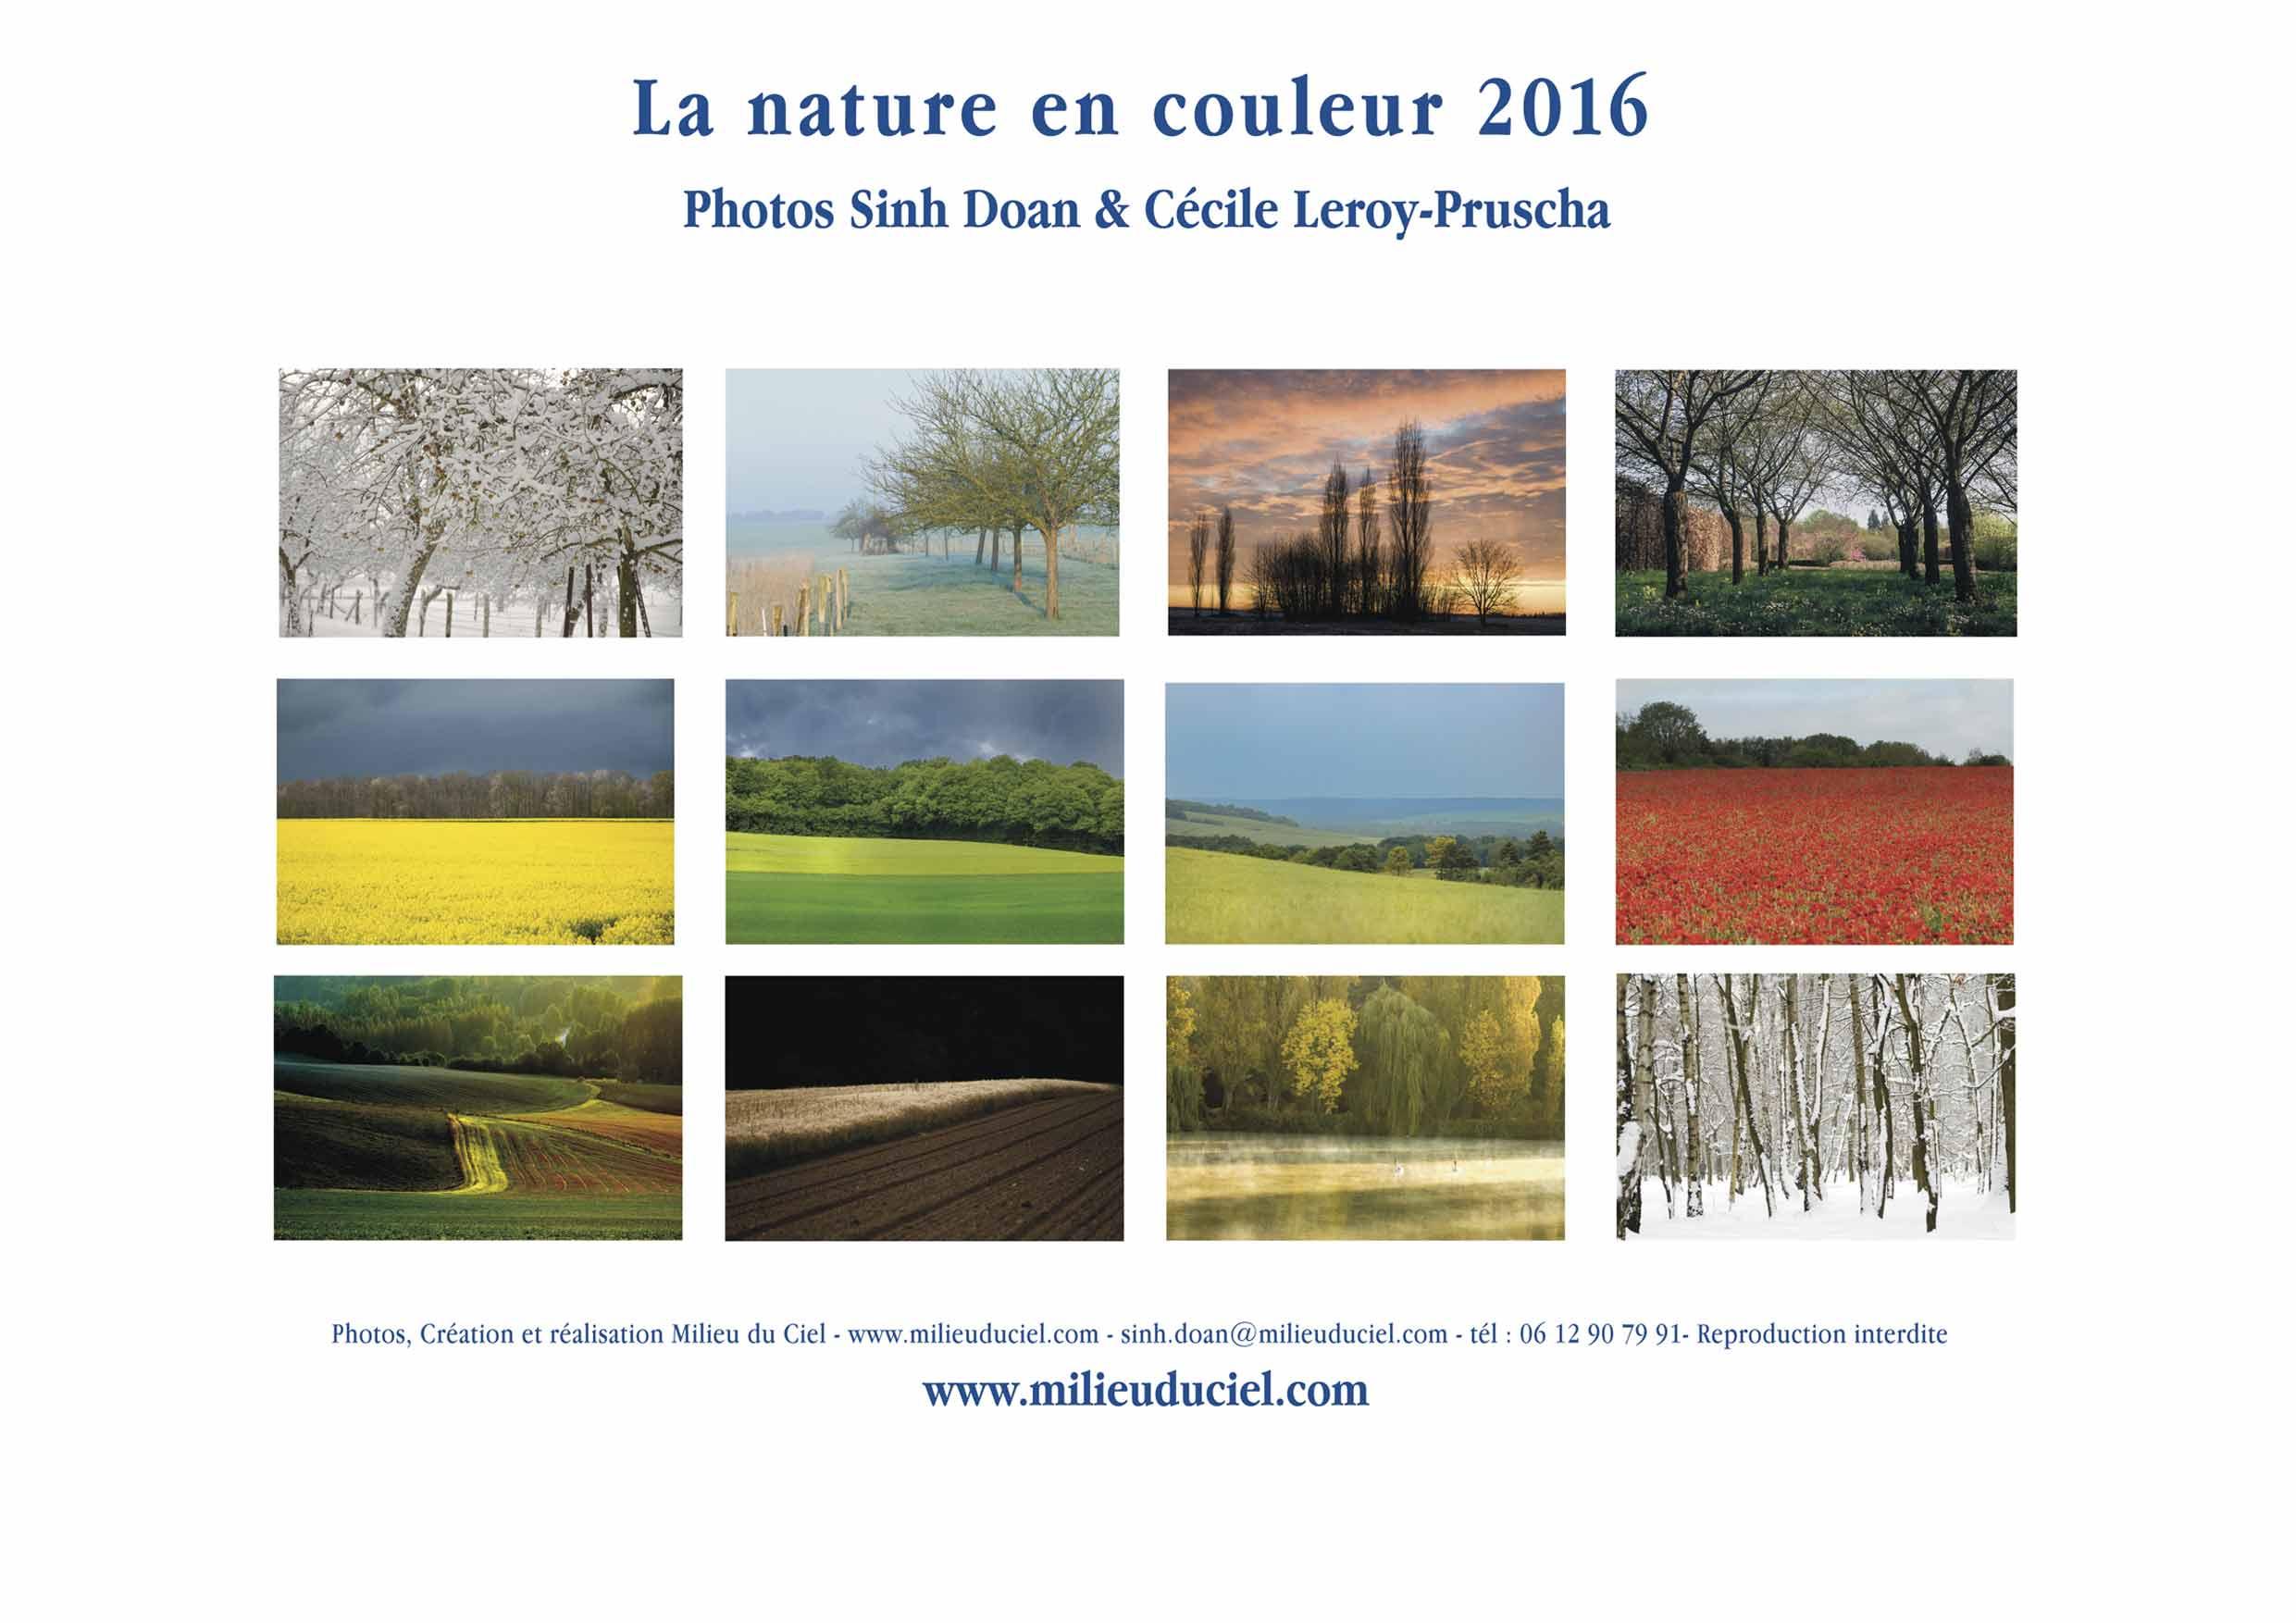 La nature en couleur - Calendrier Milieuduciel 2016